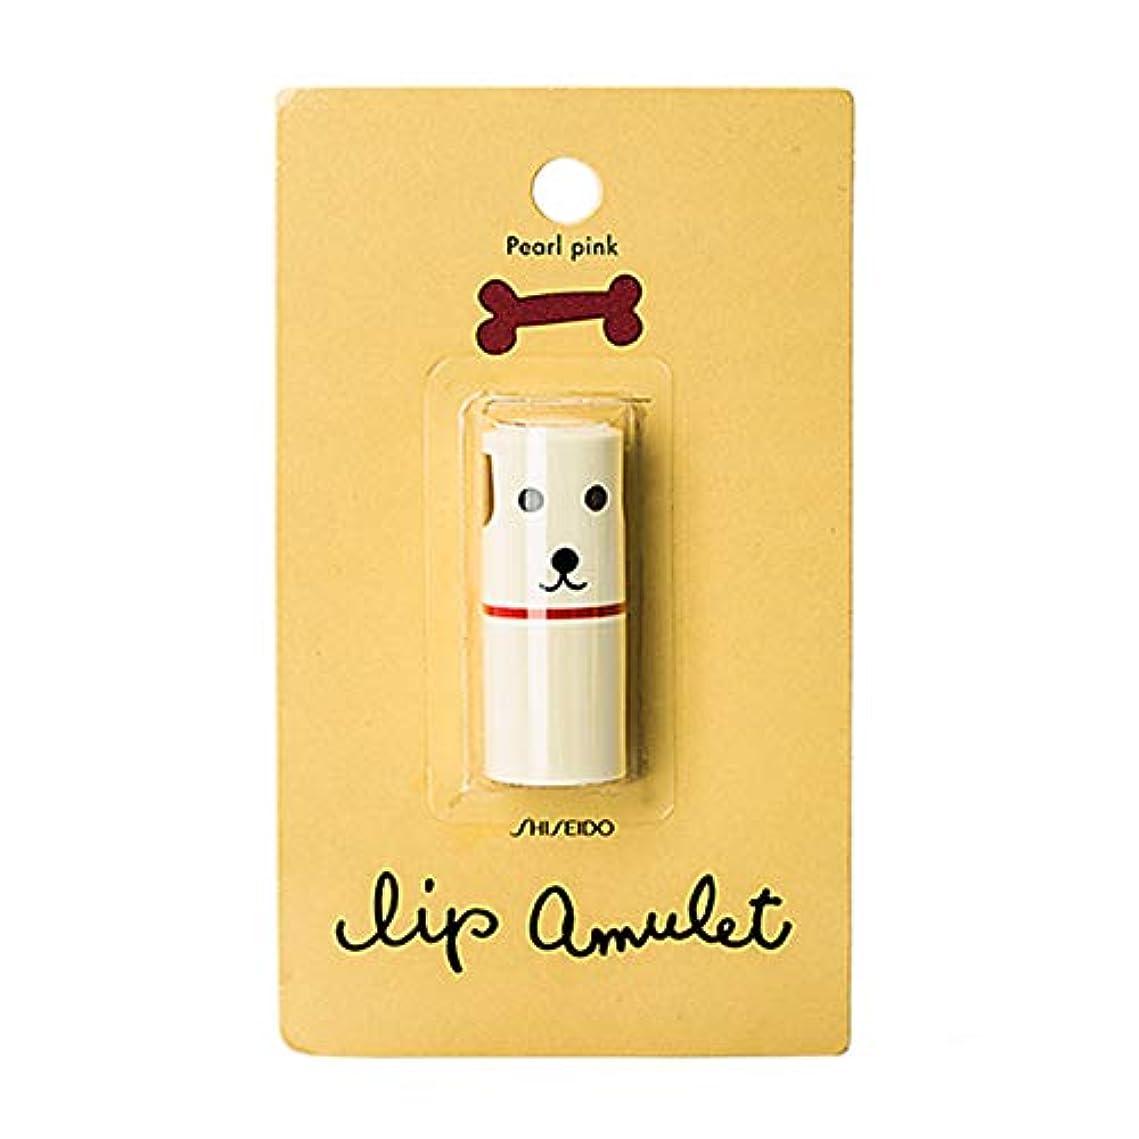 リングレット裏切りに賛成【台湾限定】資生堂 Shiseido リップアミュレット Lip Amulet お土産 コスメ 色つきリップ 単品 珍珠粉紅 (パールピンク) [並行輸入品]